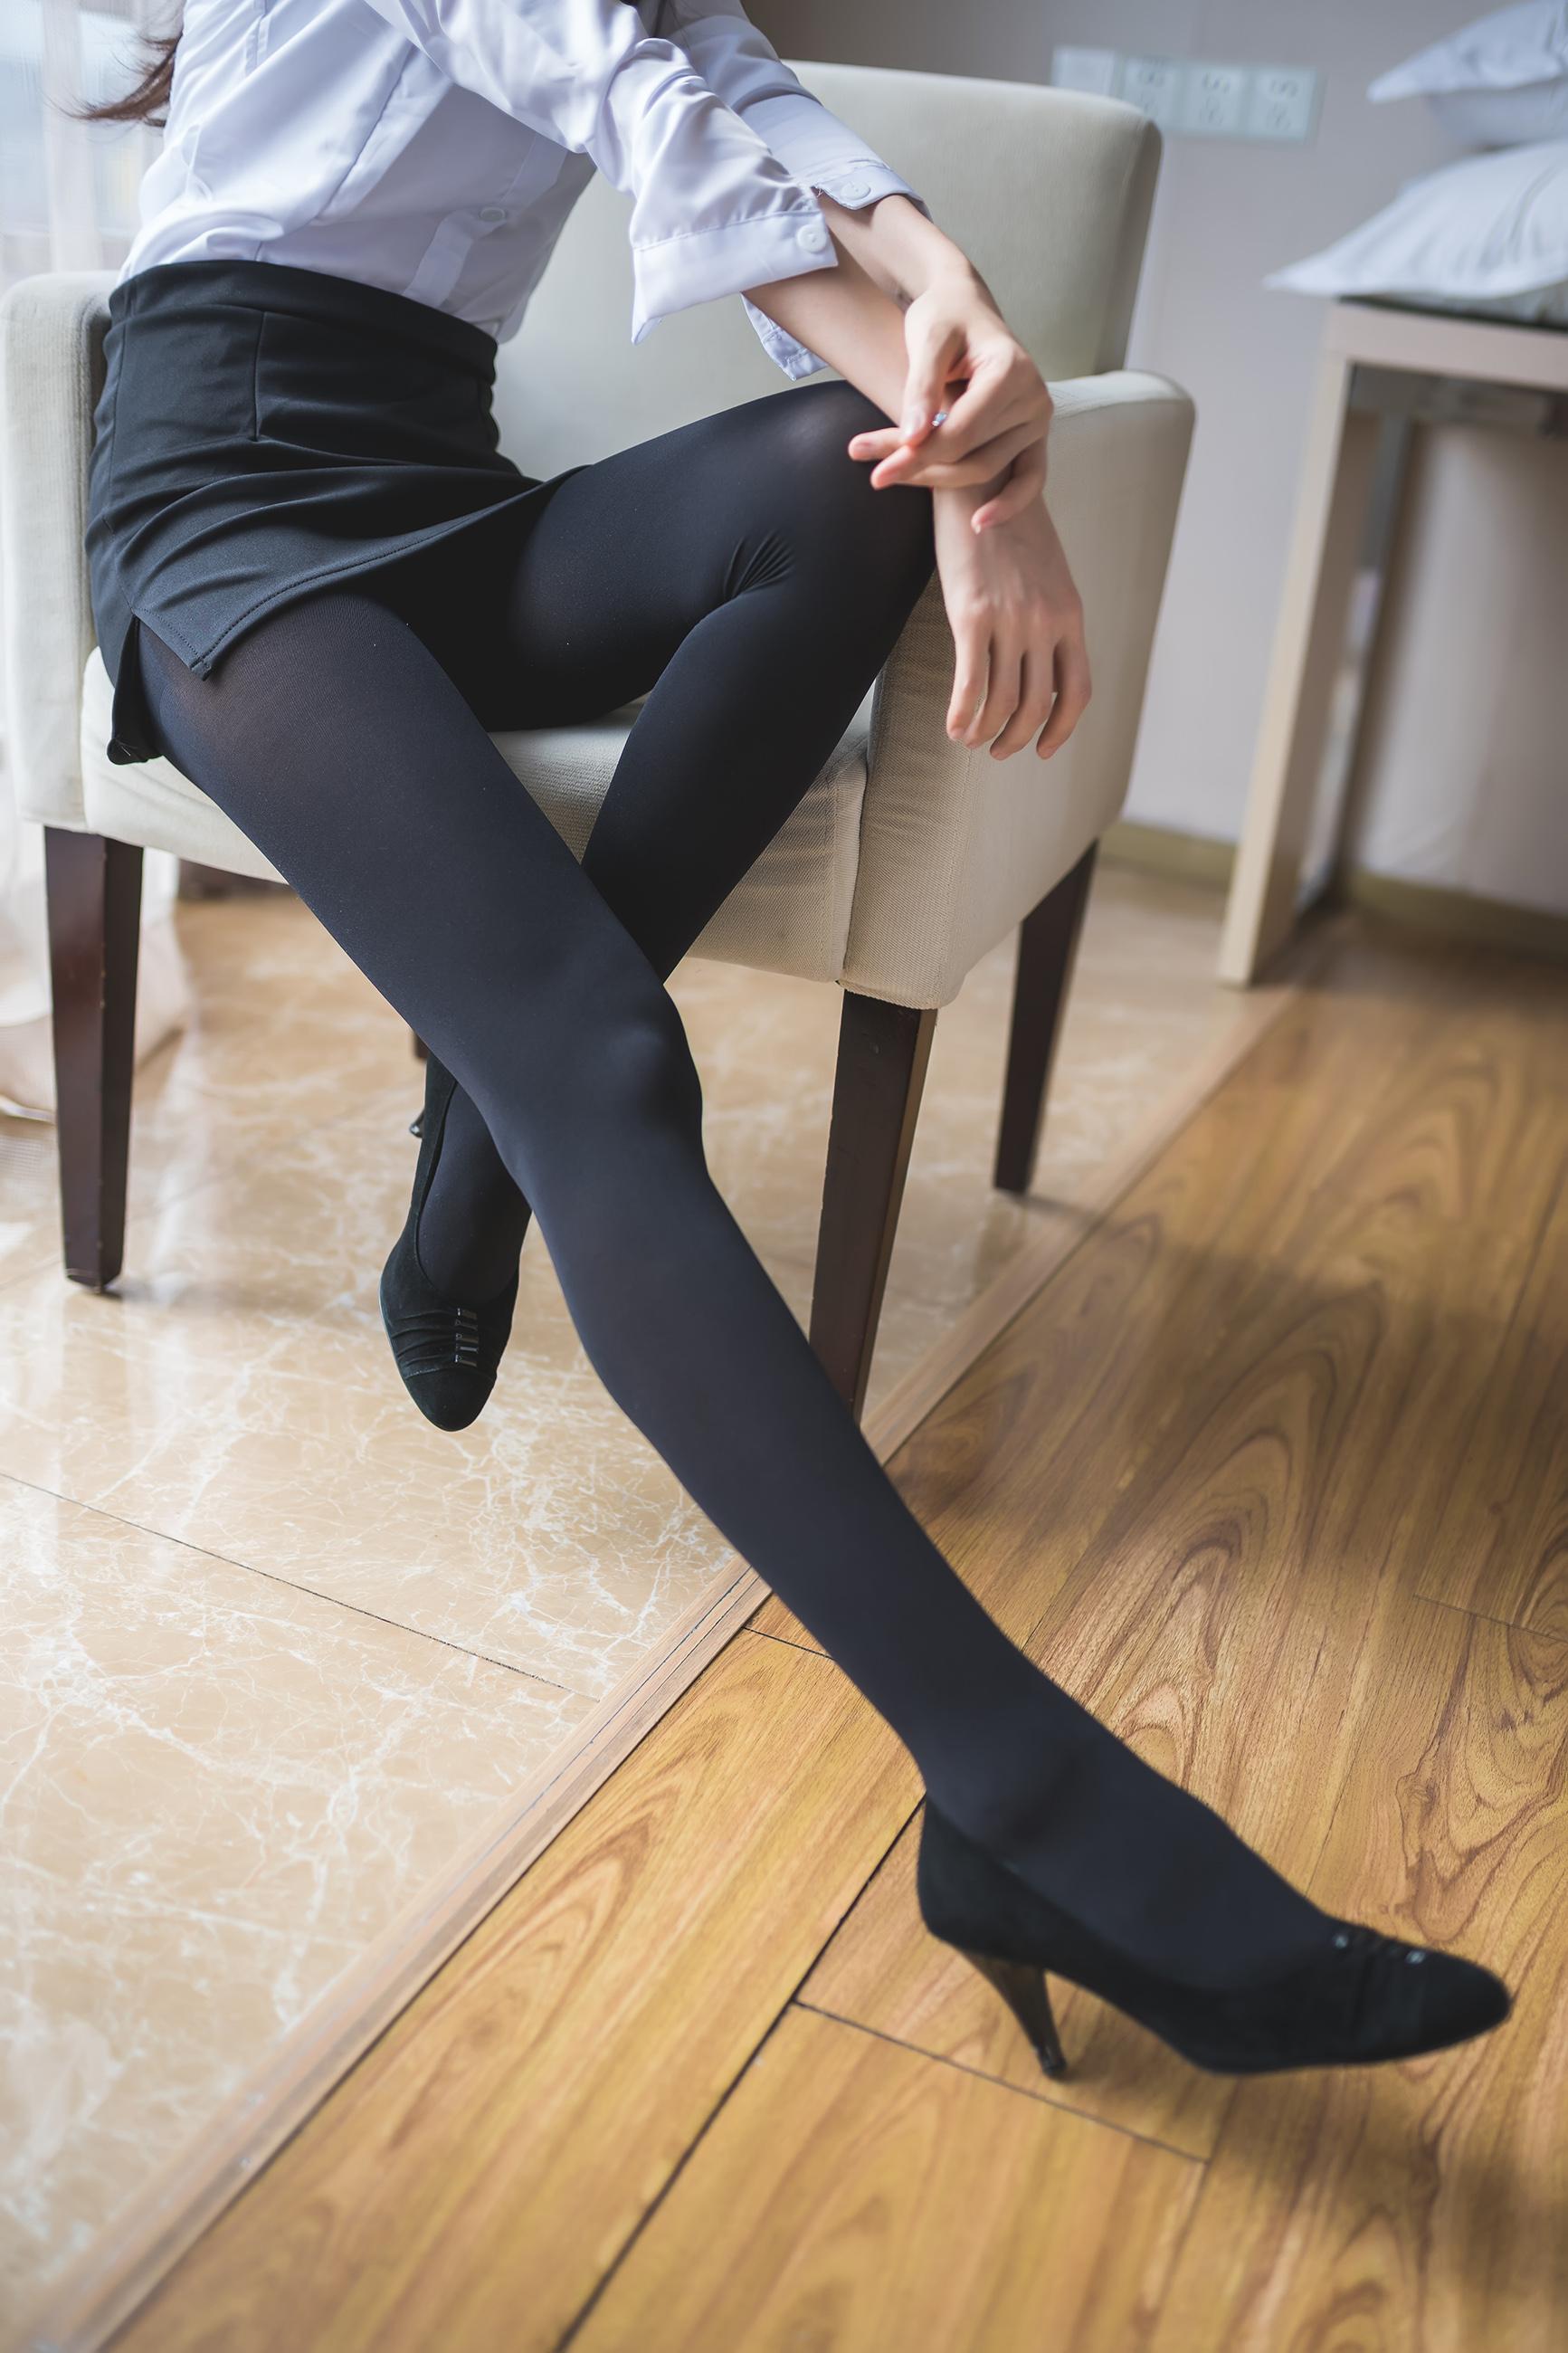 这个腿也太棒了吧! 腿控领域